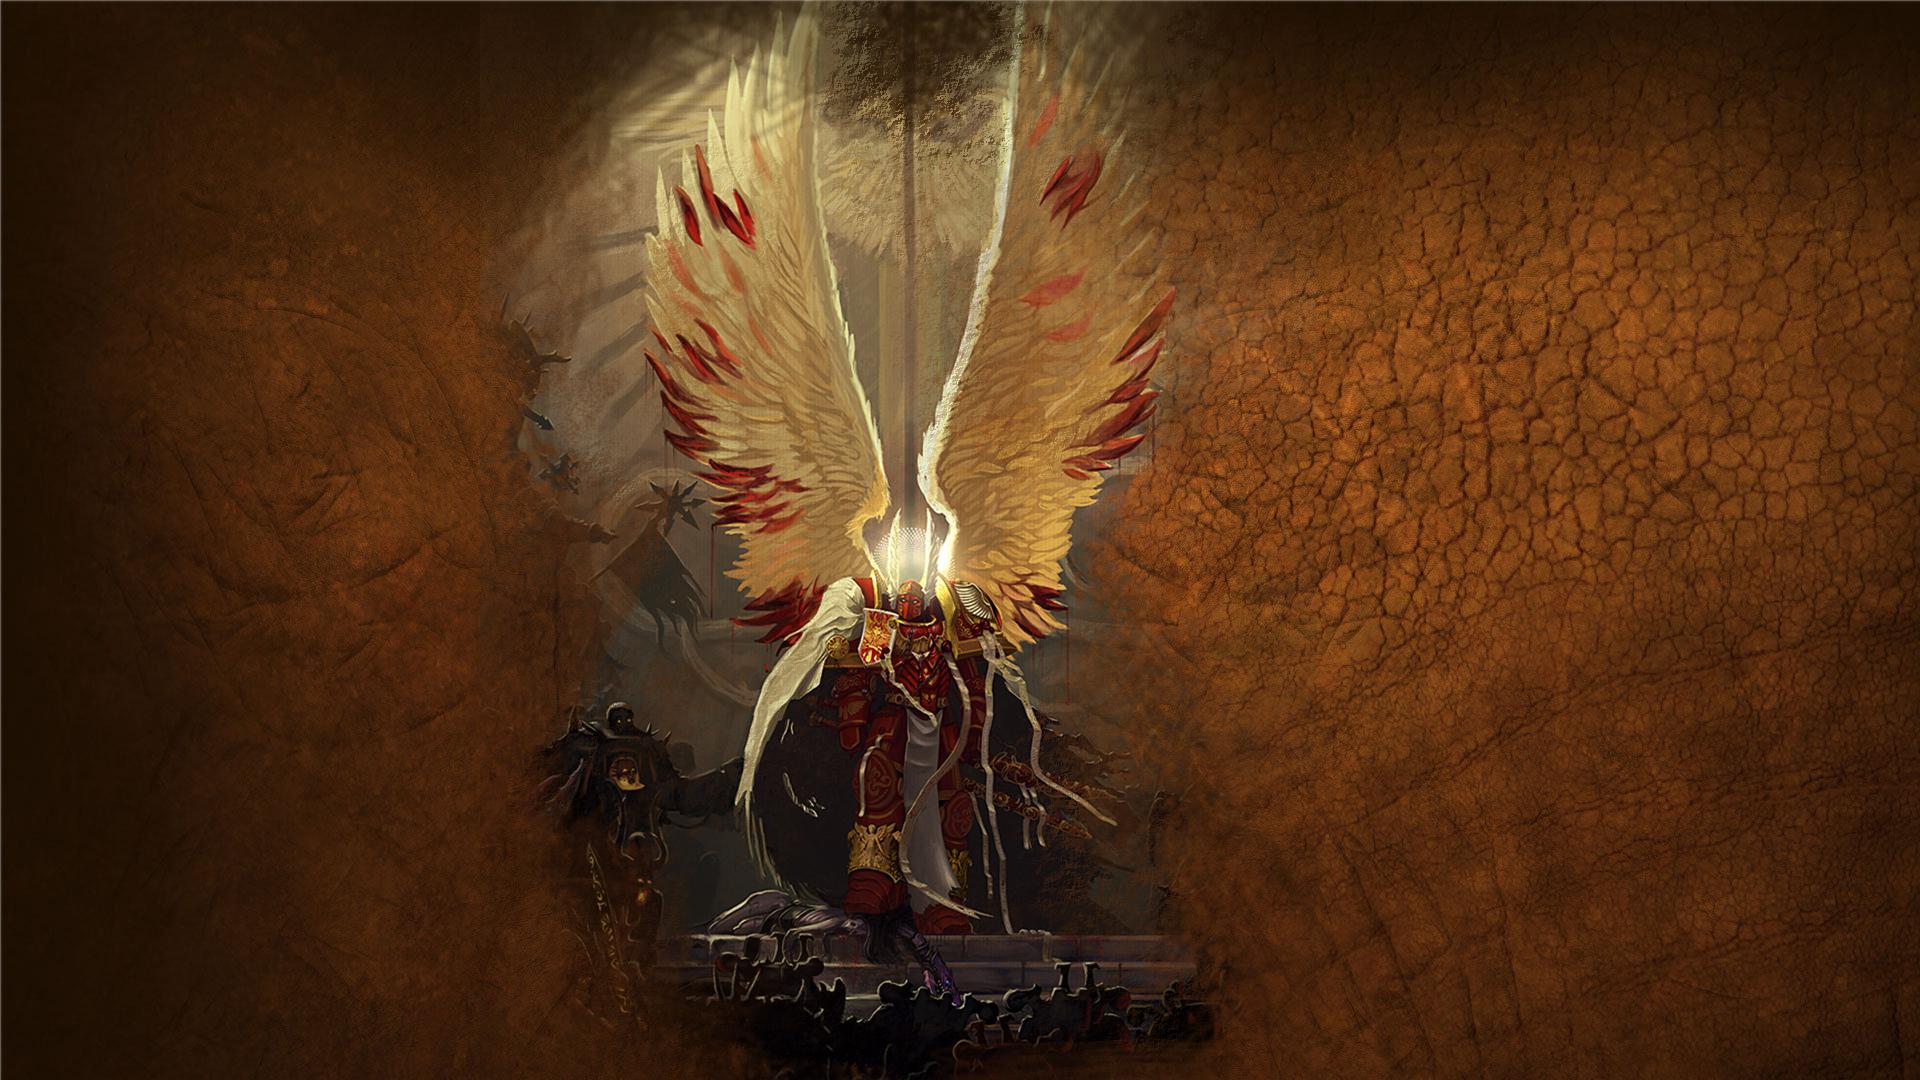 warhammer 40k blood angels sanguinius HD Wallpaper of Games 1920x1080